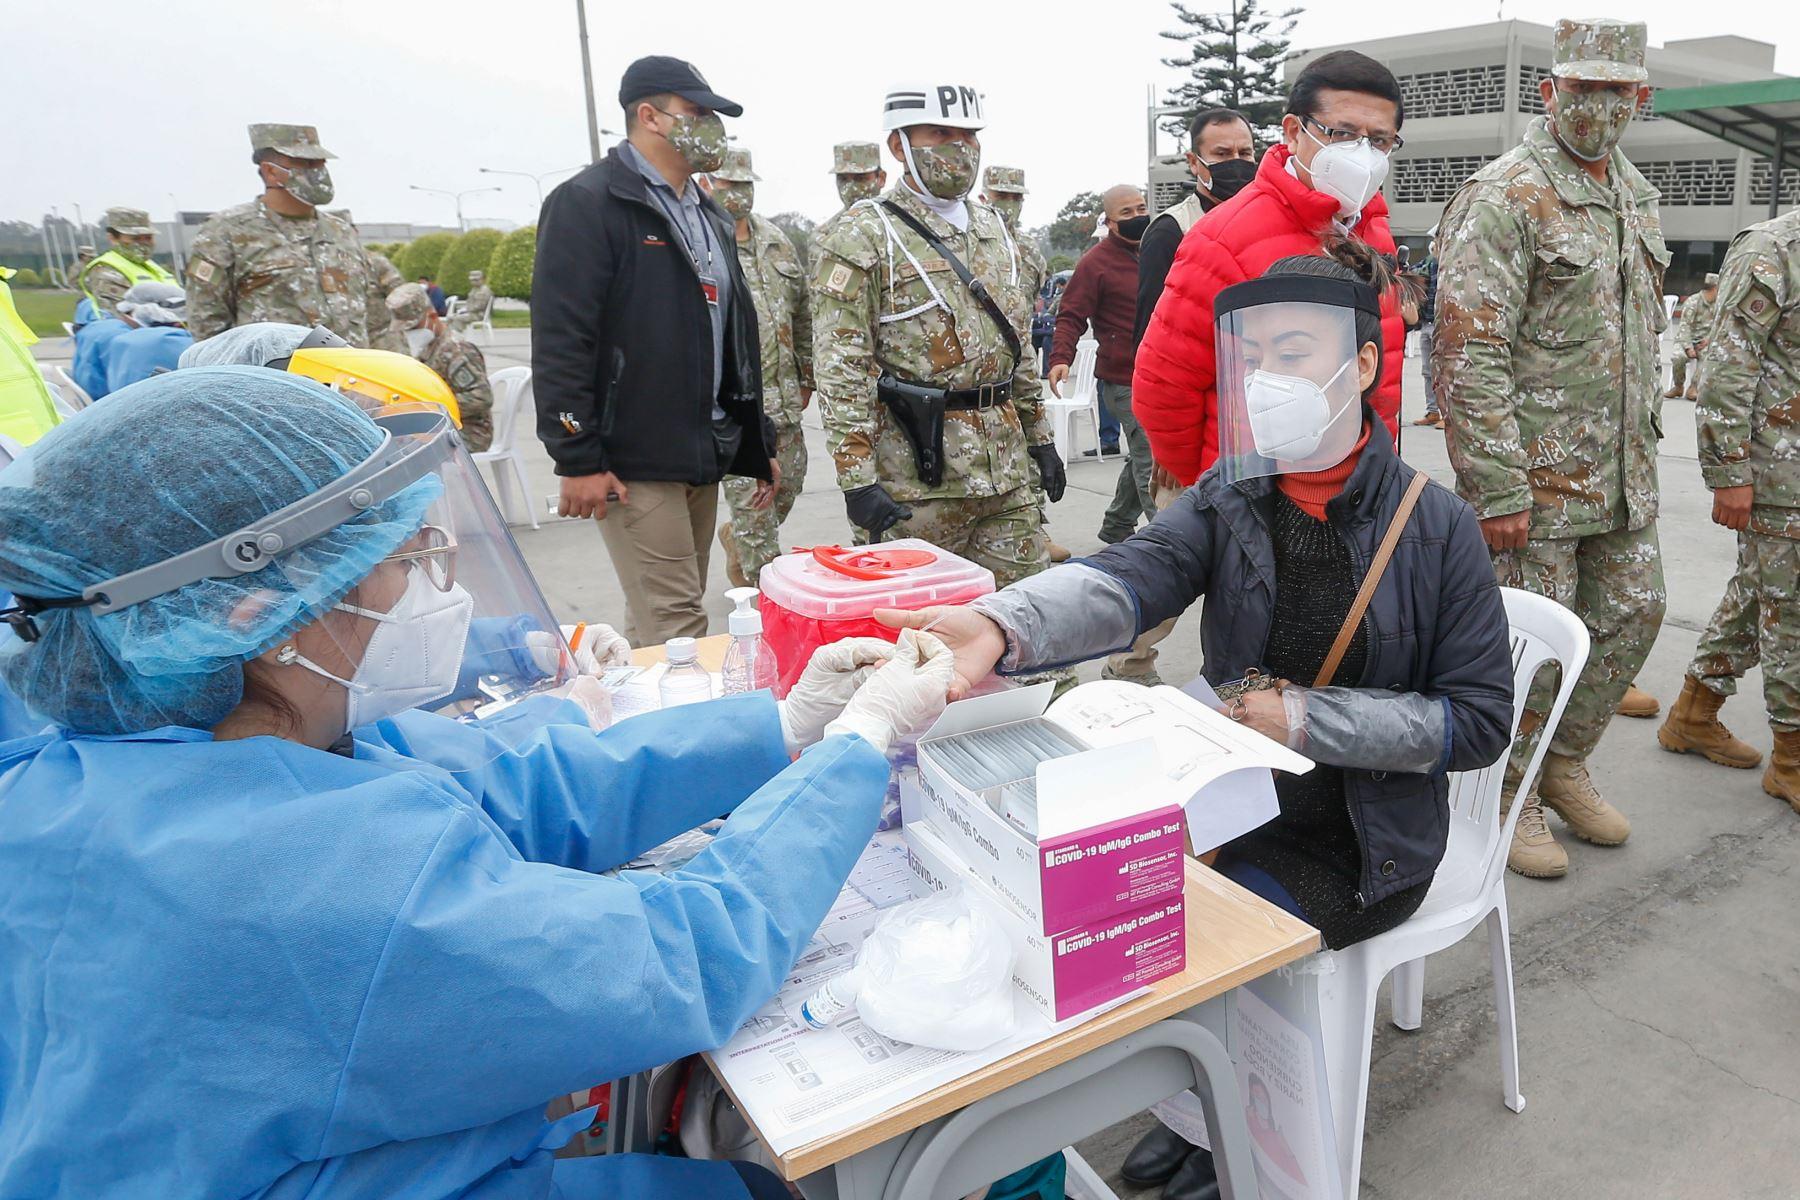 Ministra de Salud Pilar Mazzetti participa en campaña de descarte y tratamiento de la Covid-19 en el Cuartel General del Ejército. Foto:ANDINA/Minsa